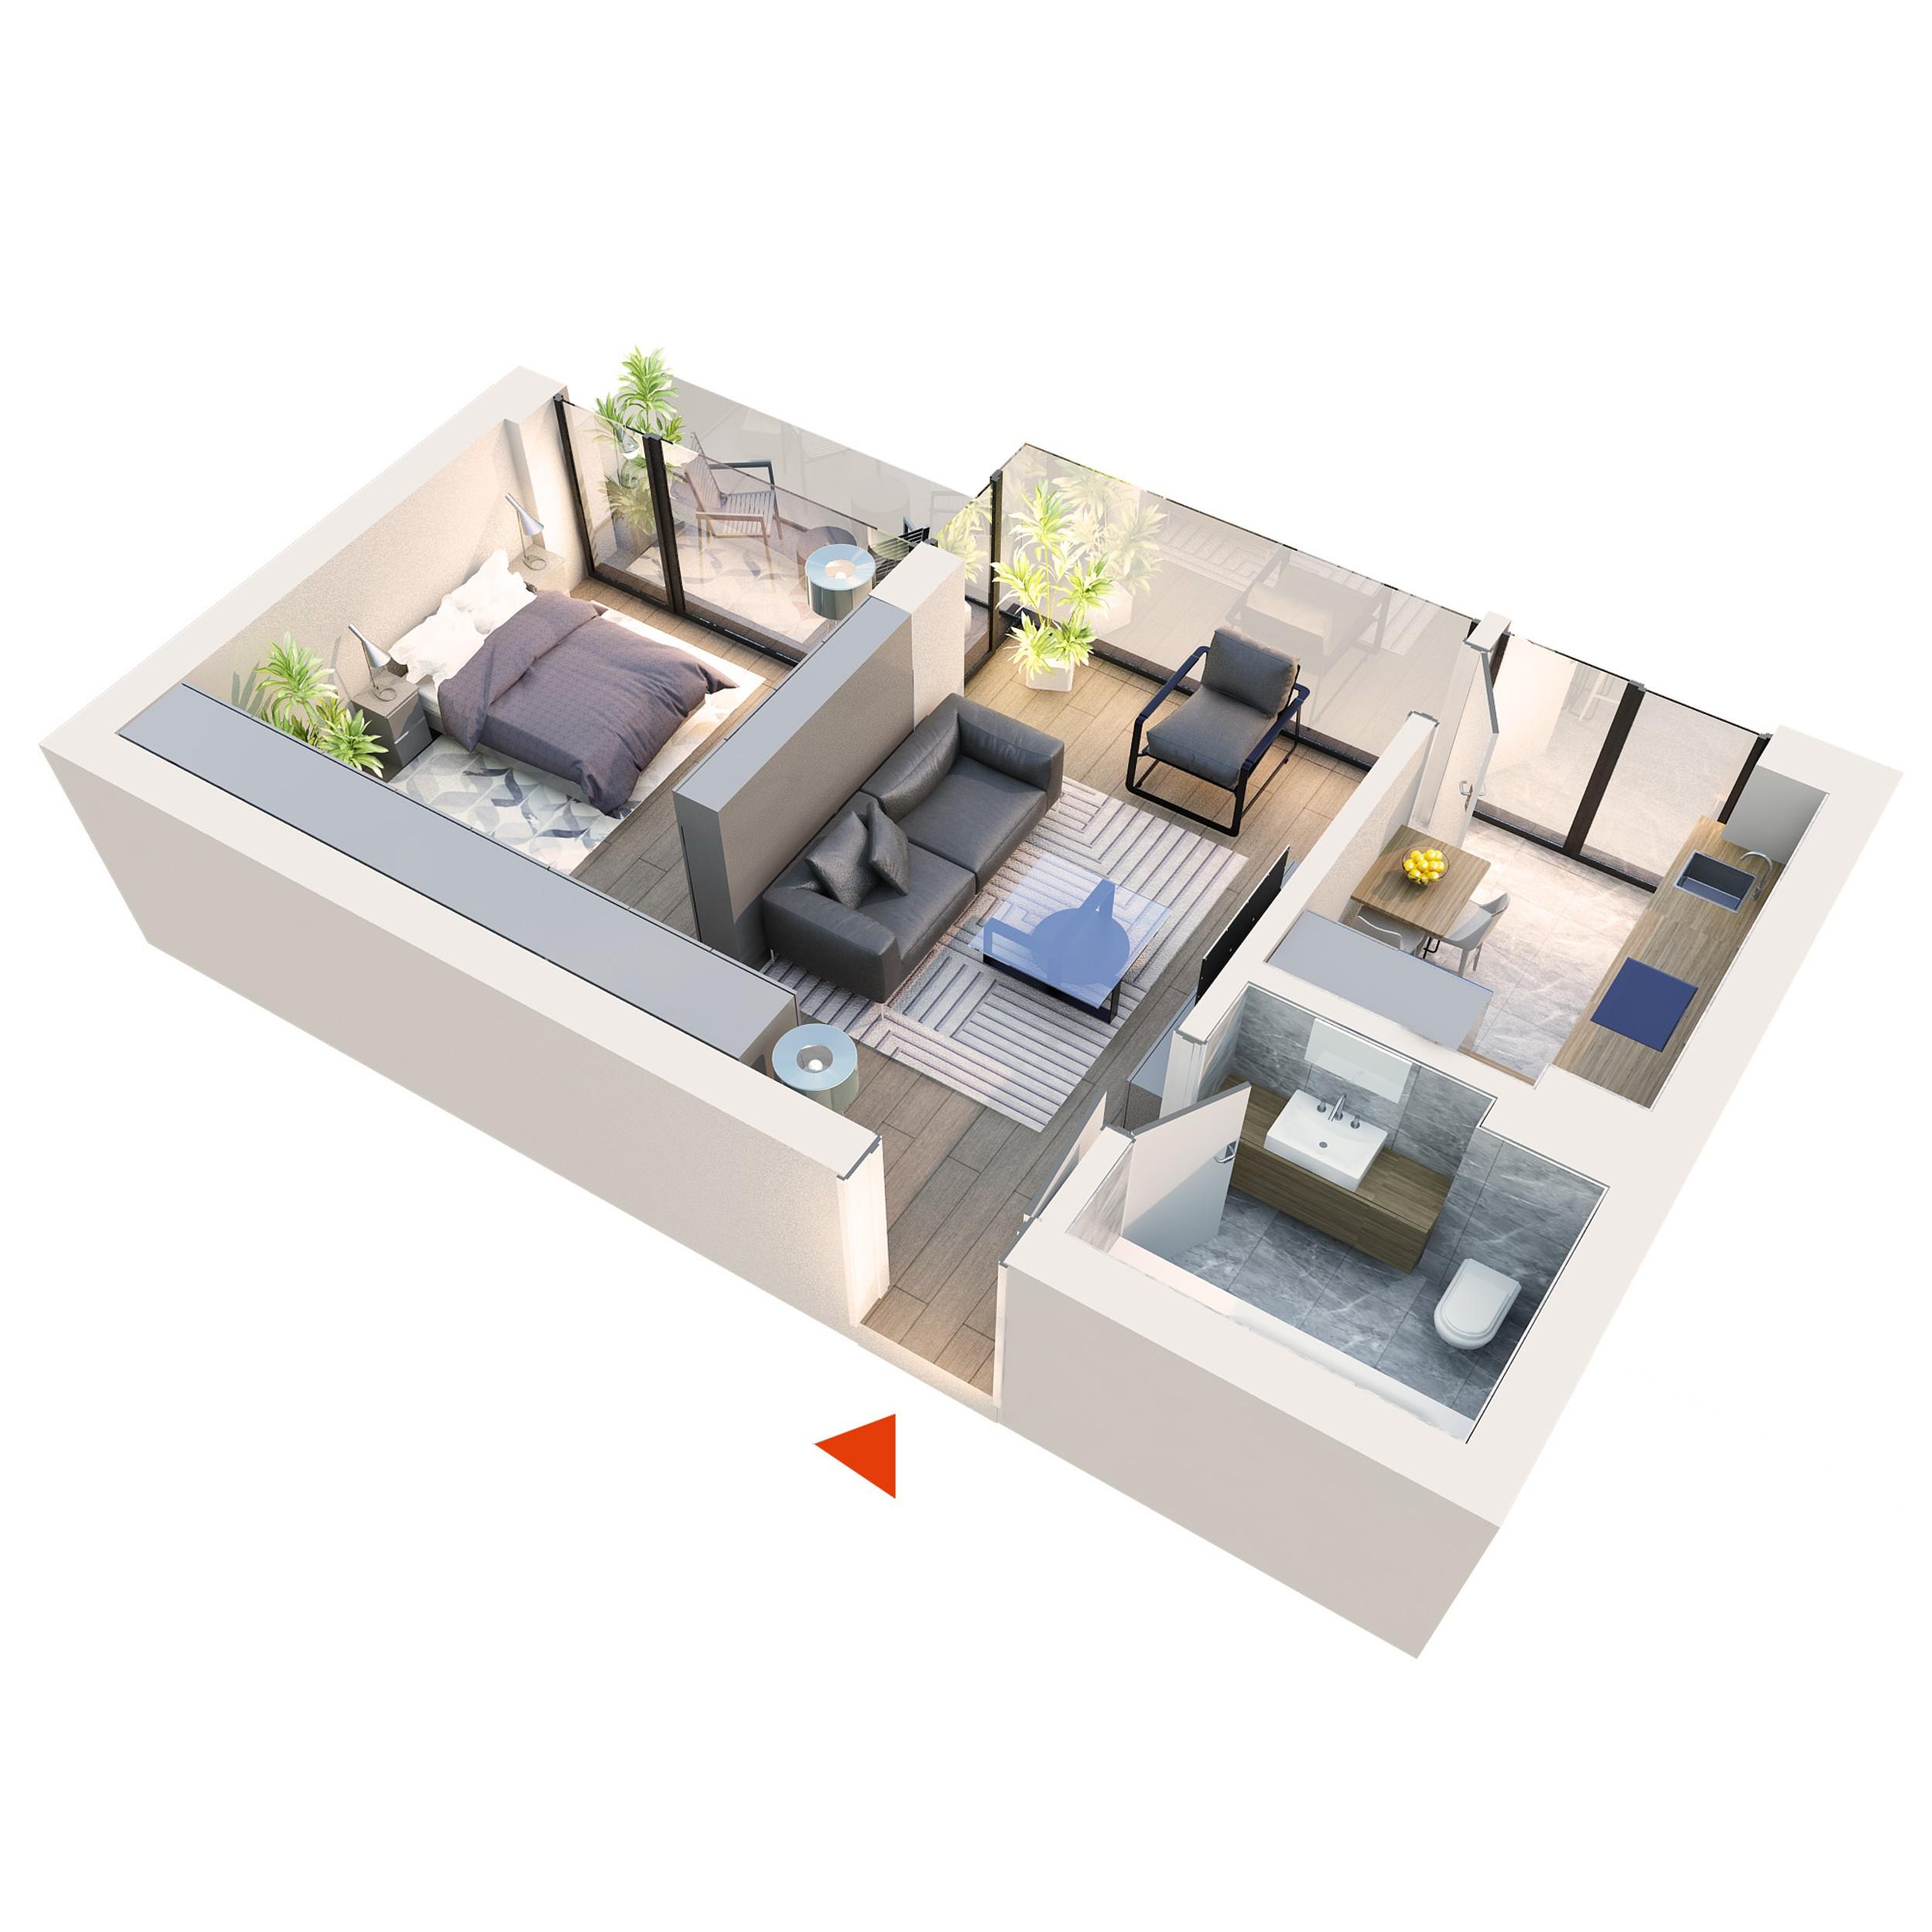 Apartament Studio tip 1B1 | Logie | Etaj 1 – 3 | Corp C1 C2 C5 C6 | Faza 2